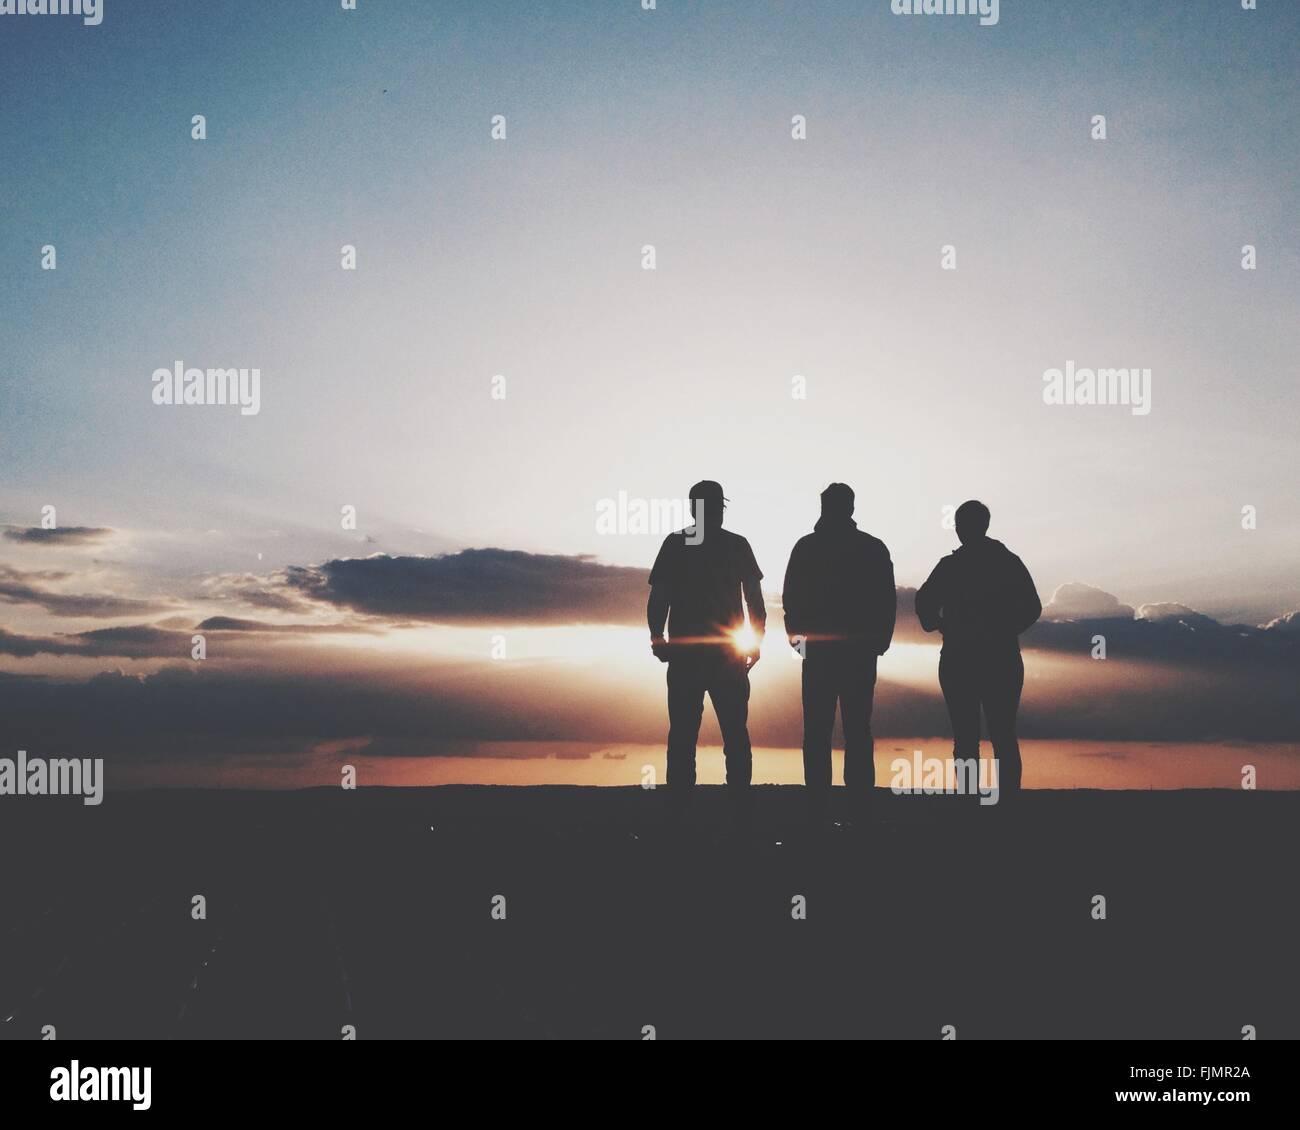 Silhouette di tre persone in piedi al tramonto Immagini Stock